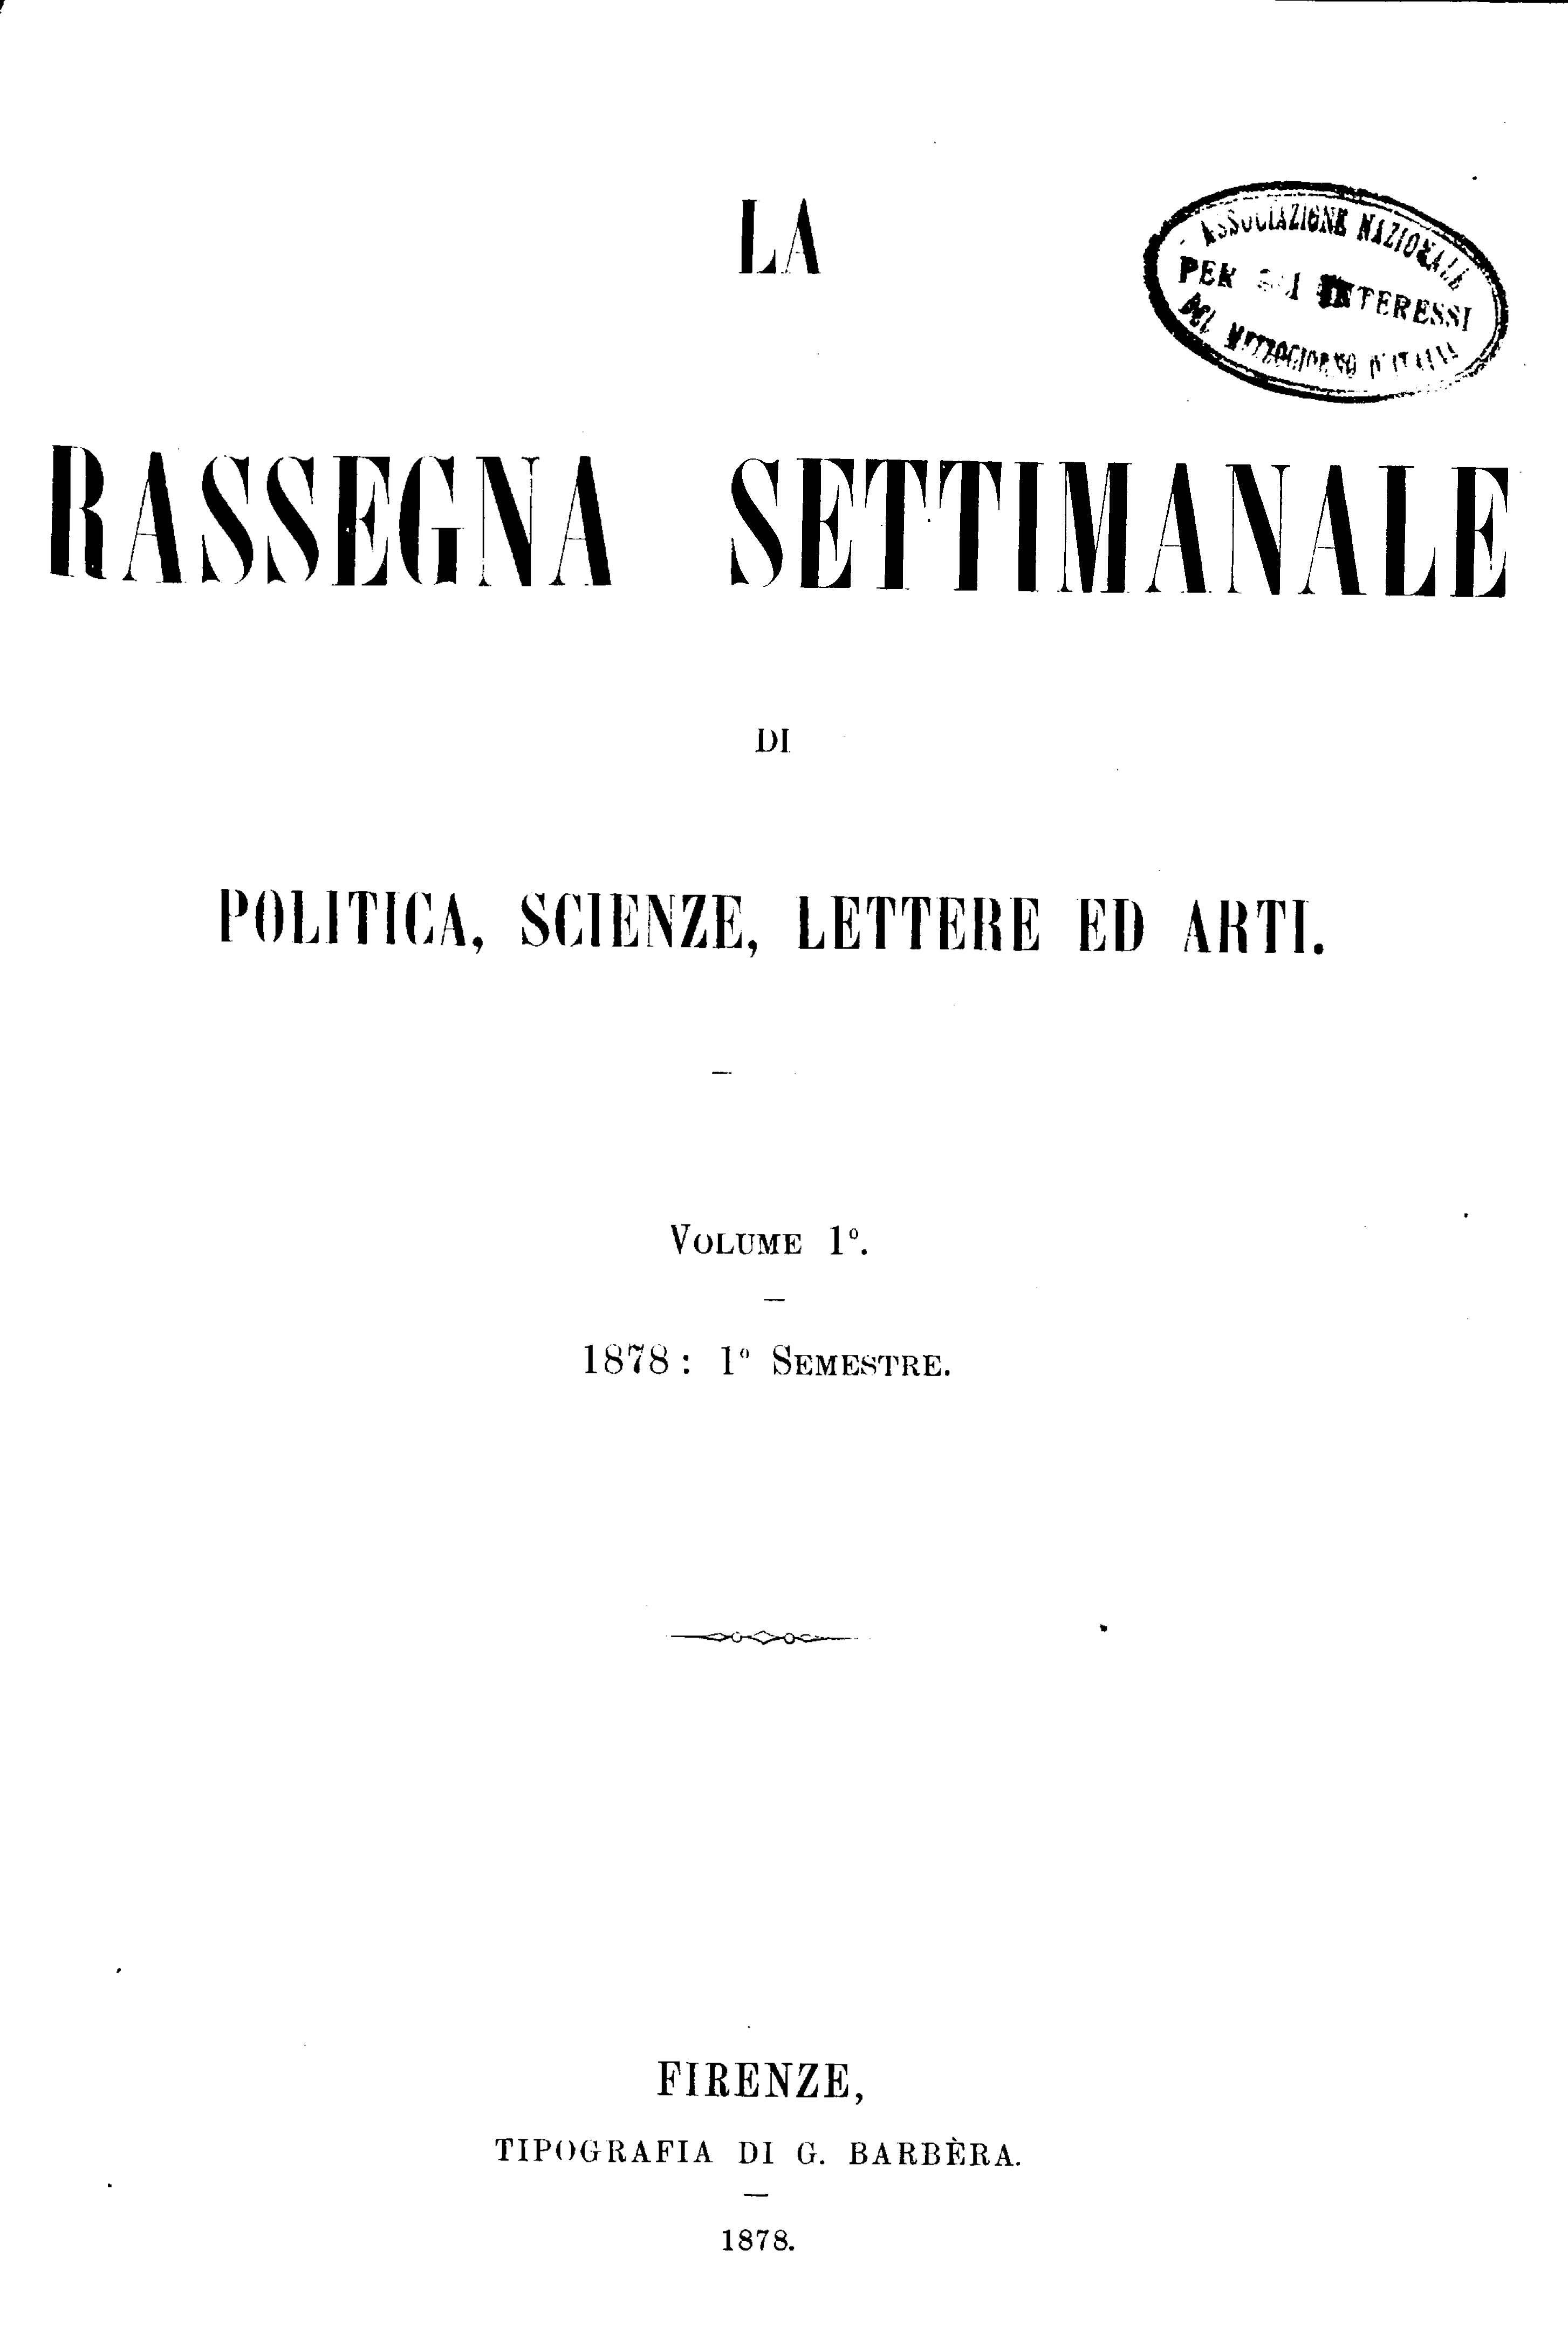 Fascicolo 9 - Volume 1 - 1878 - Semestre 1 - Trimestre 1